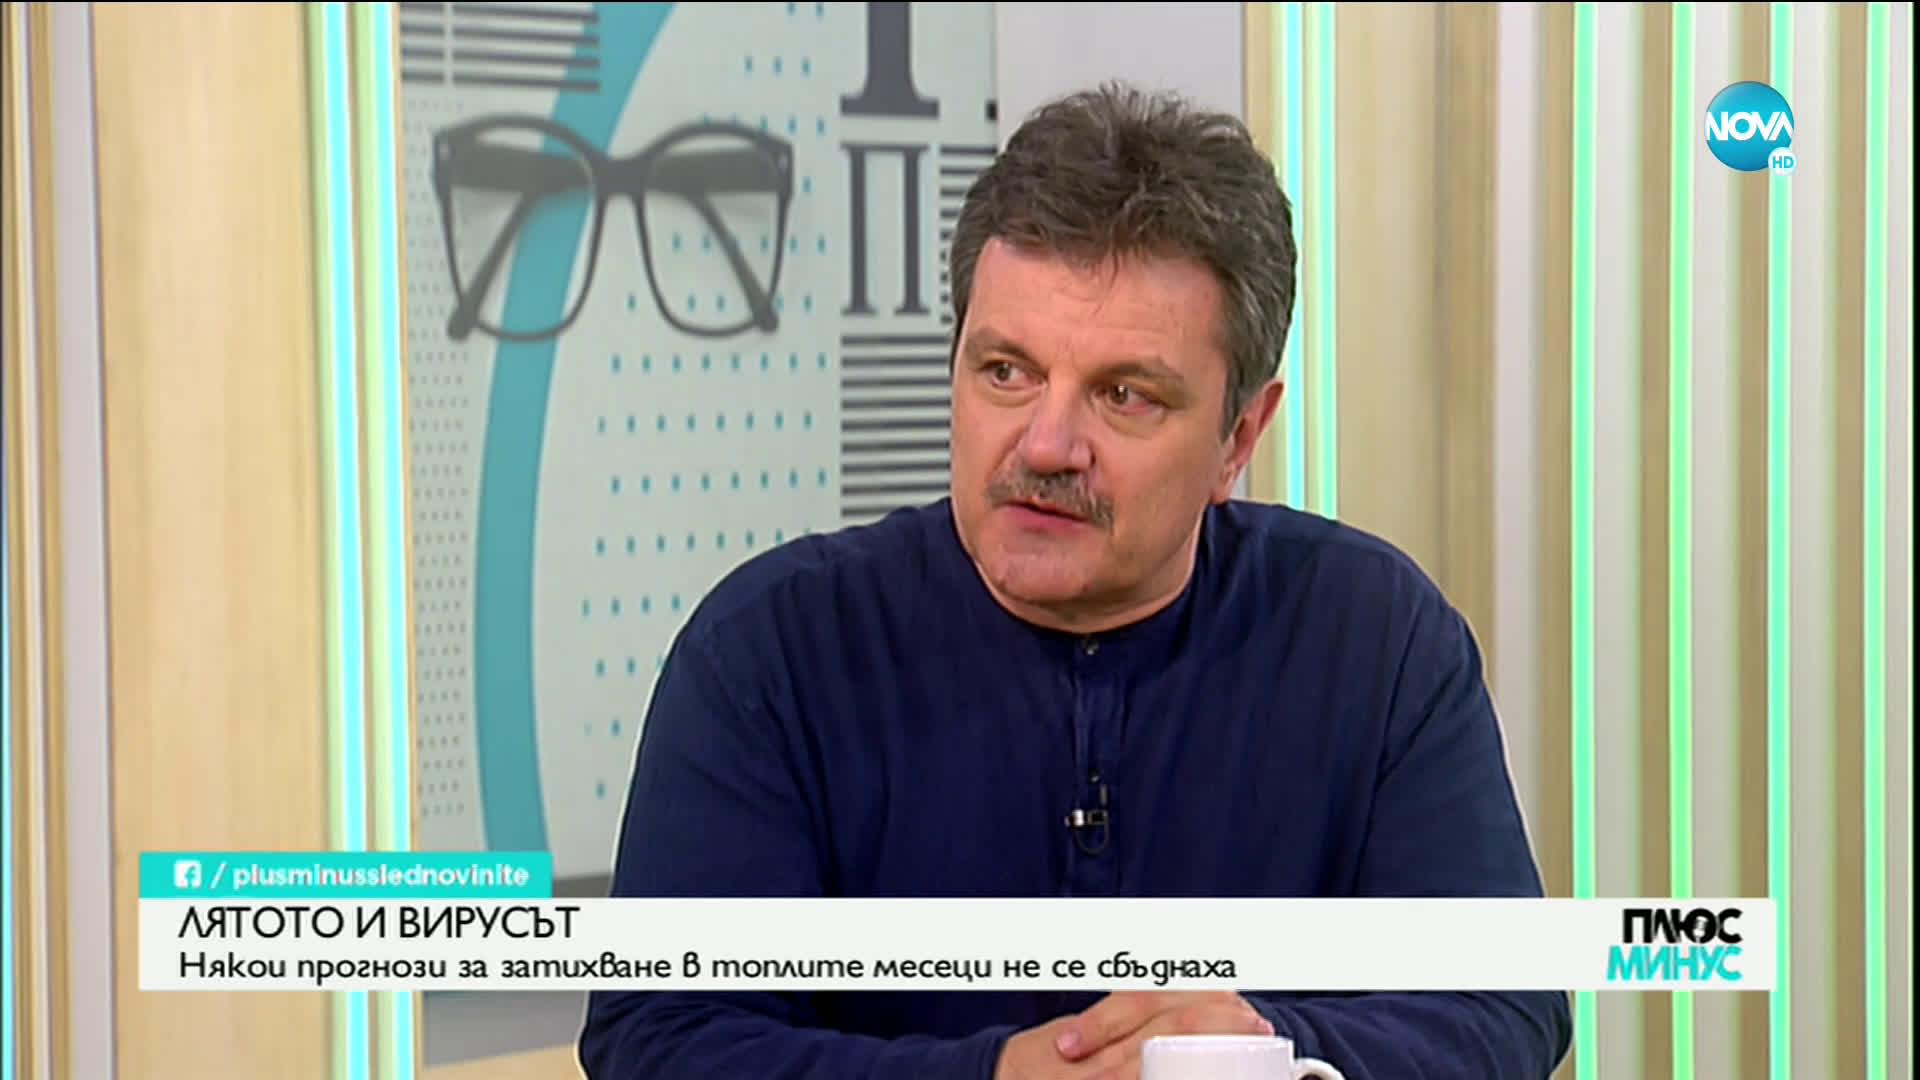 Д-р Симидчиев: Поне 200 от зрителите на стадиона довечера ще са с COVID